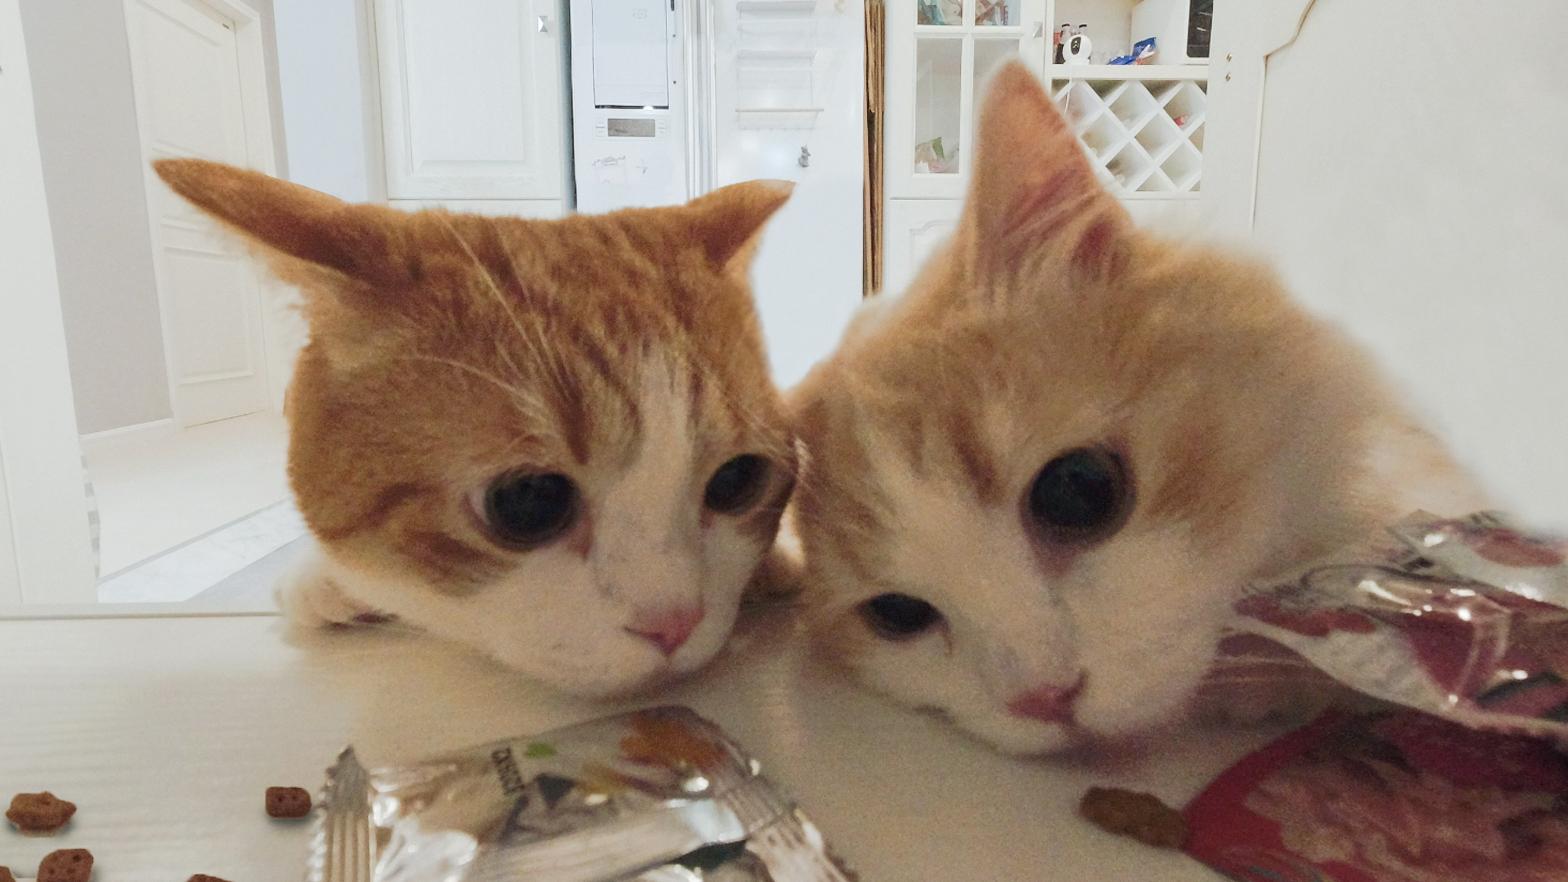 主人忘锁零食柜,猫:机会来了......监控画面惨不忍睹